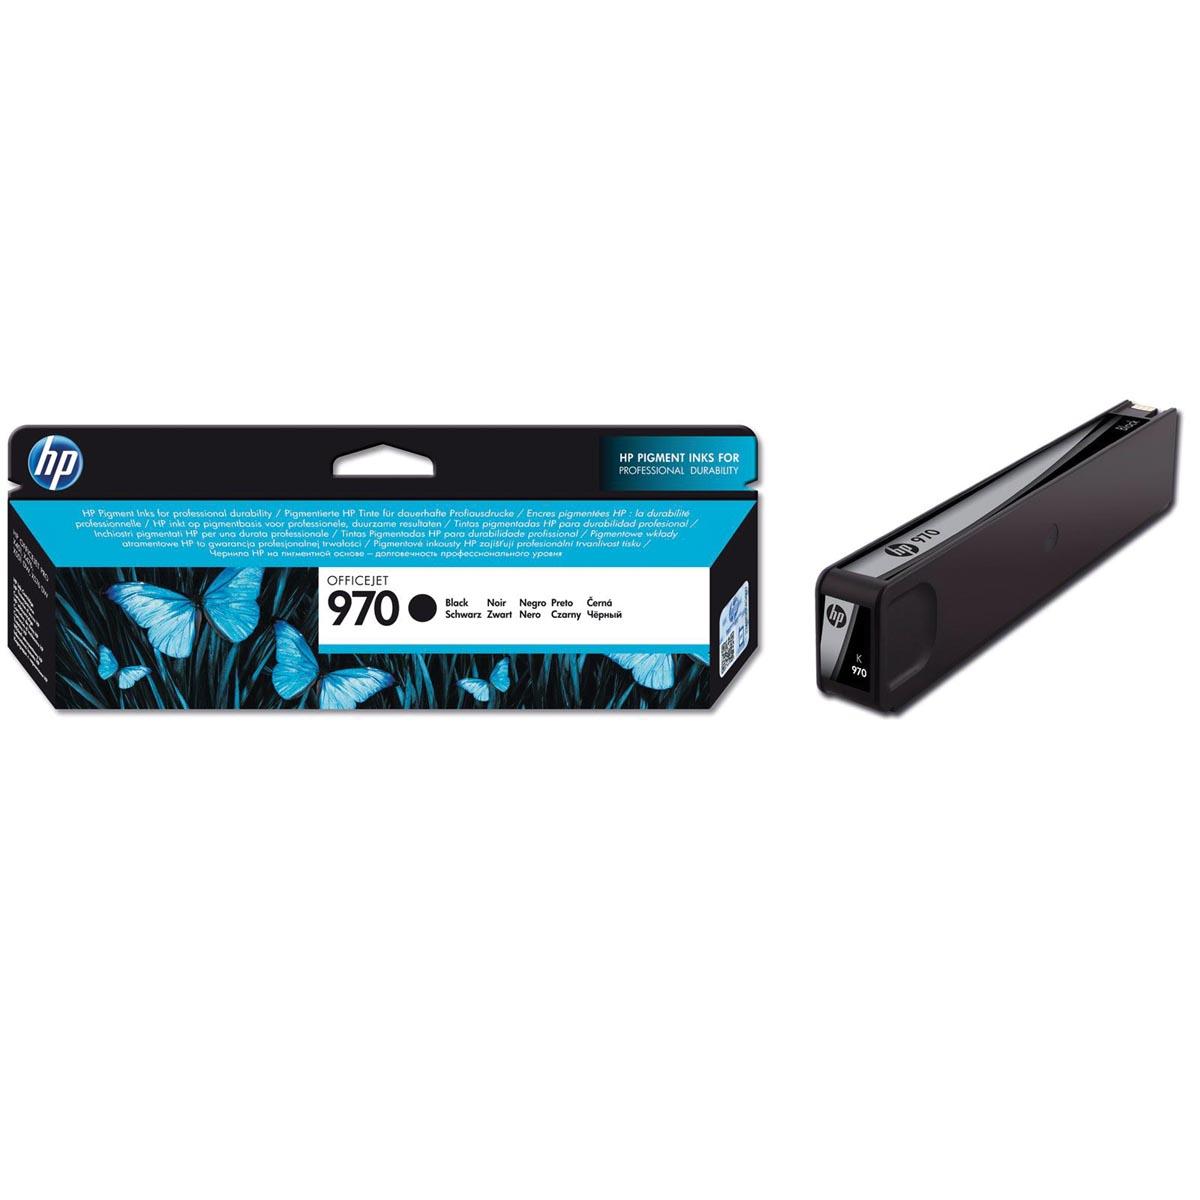 HP inktcartridge 970, 3 000 paginas, OEM CN621AE, zwart